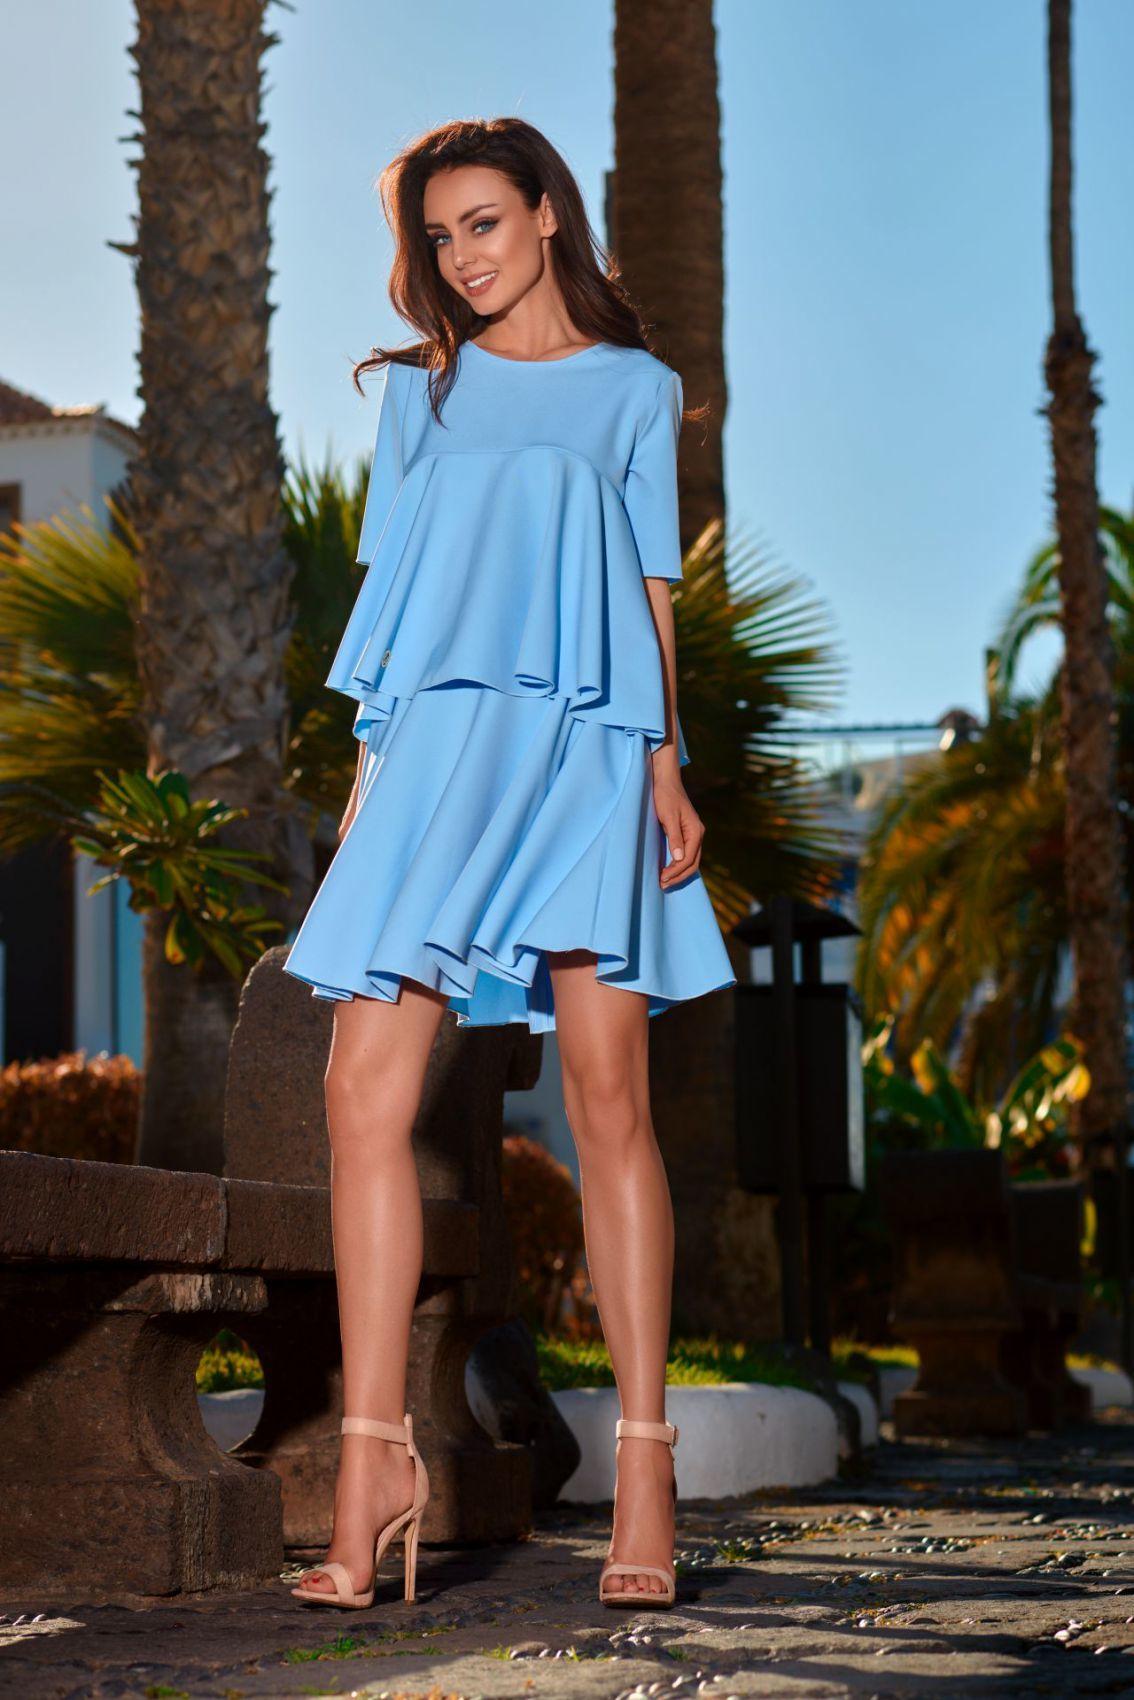 1 Komplet bluzka i spódnica L238 błękitny PROMO